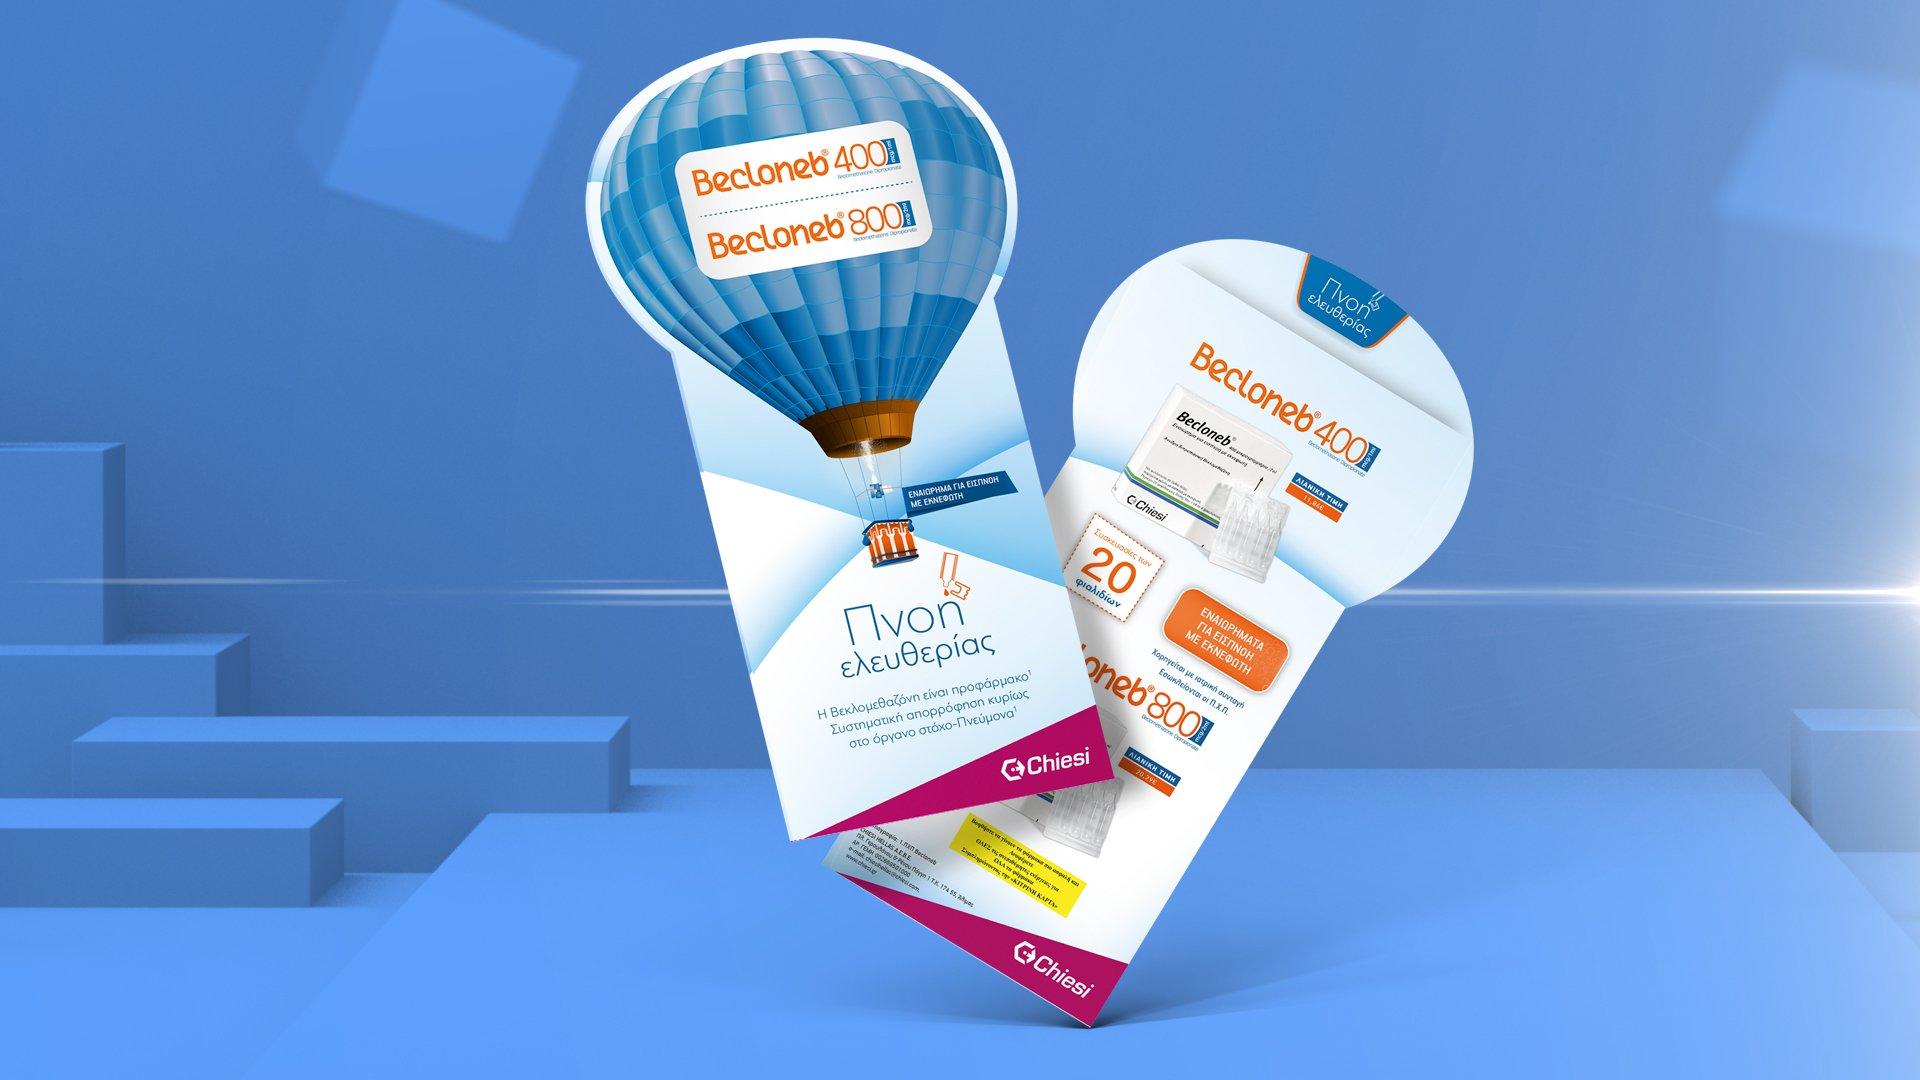 Becloneb Web Campaign